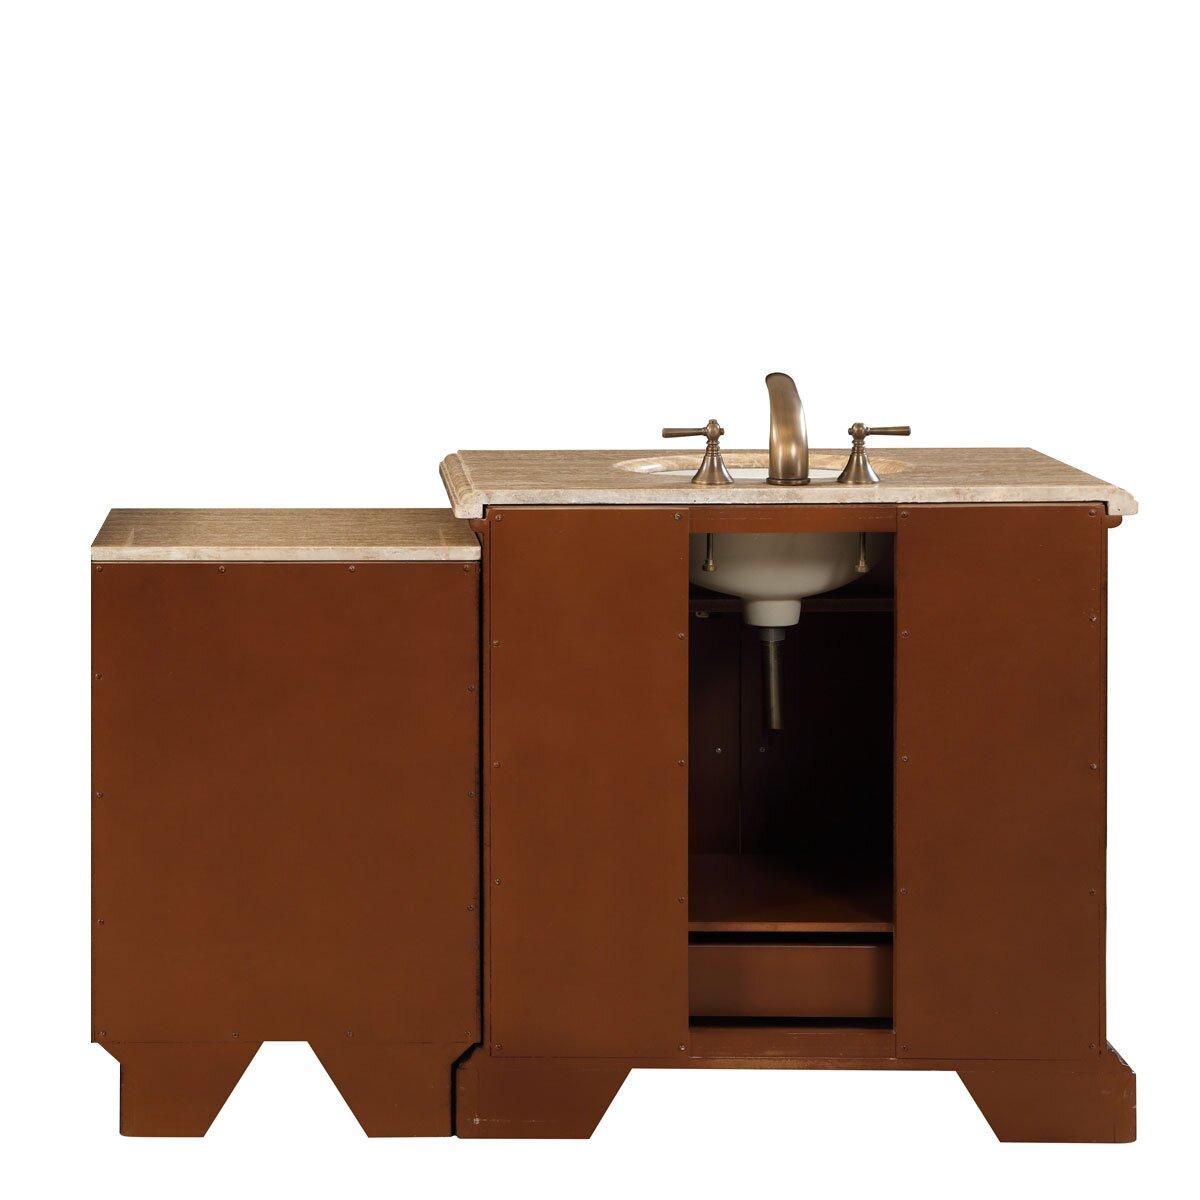 Silkroad Exclusive 55 5 Single Sink Bathroom Modular Vanity Set Reviews Wayfair Supply